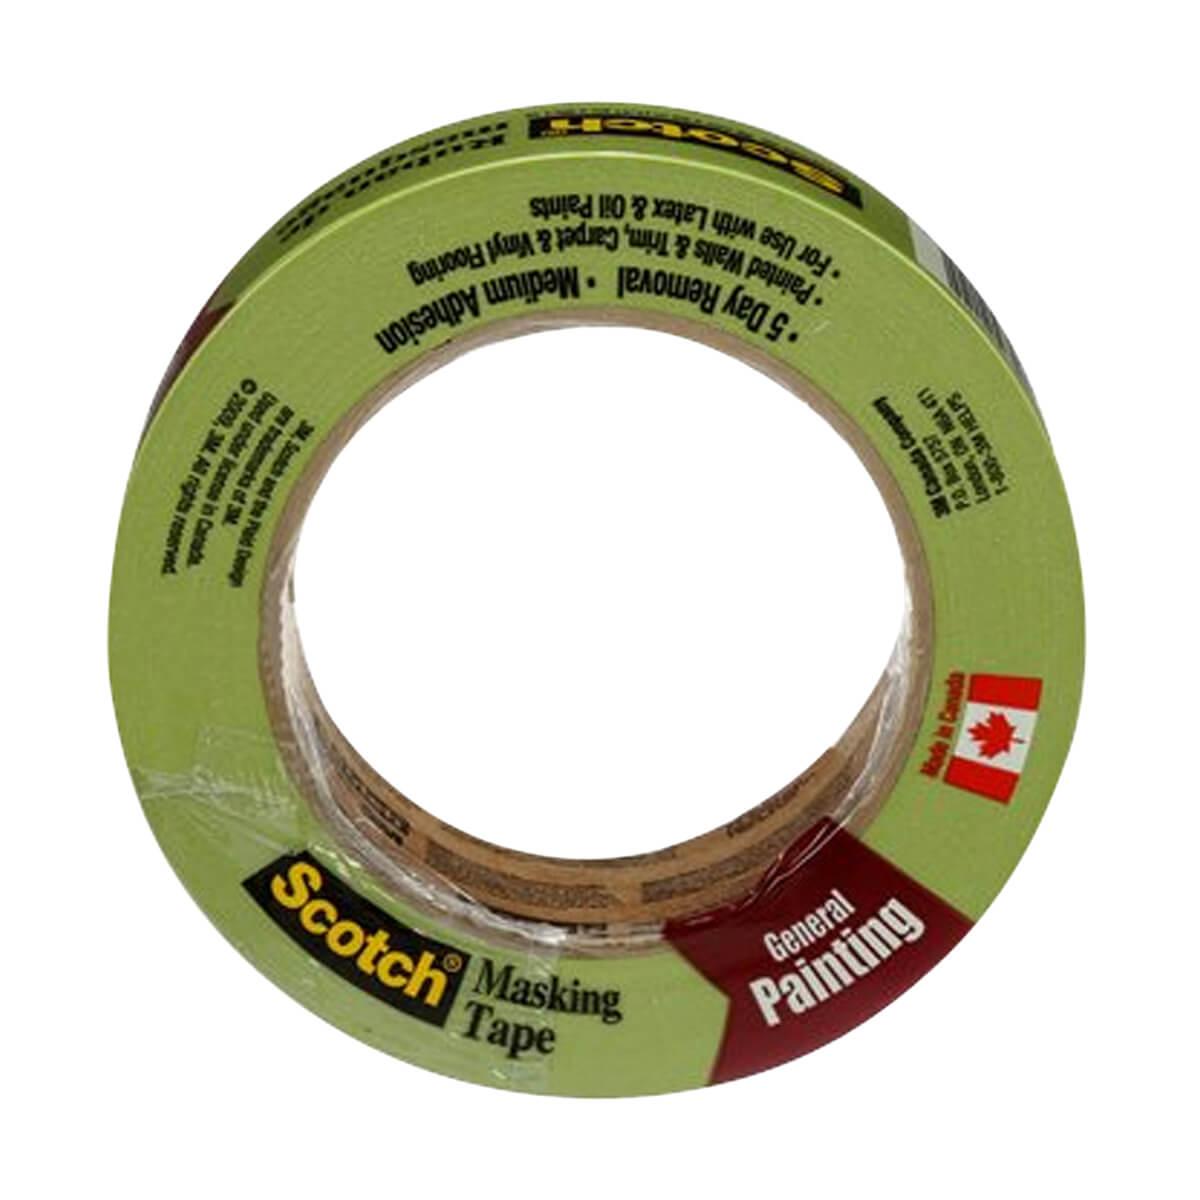 Scotch® Masking Tape 36 mm x 55m